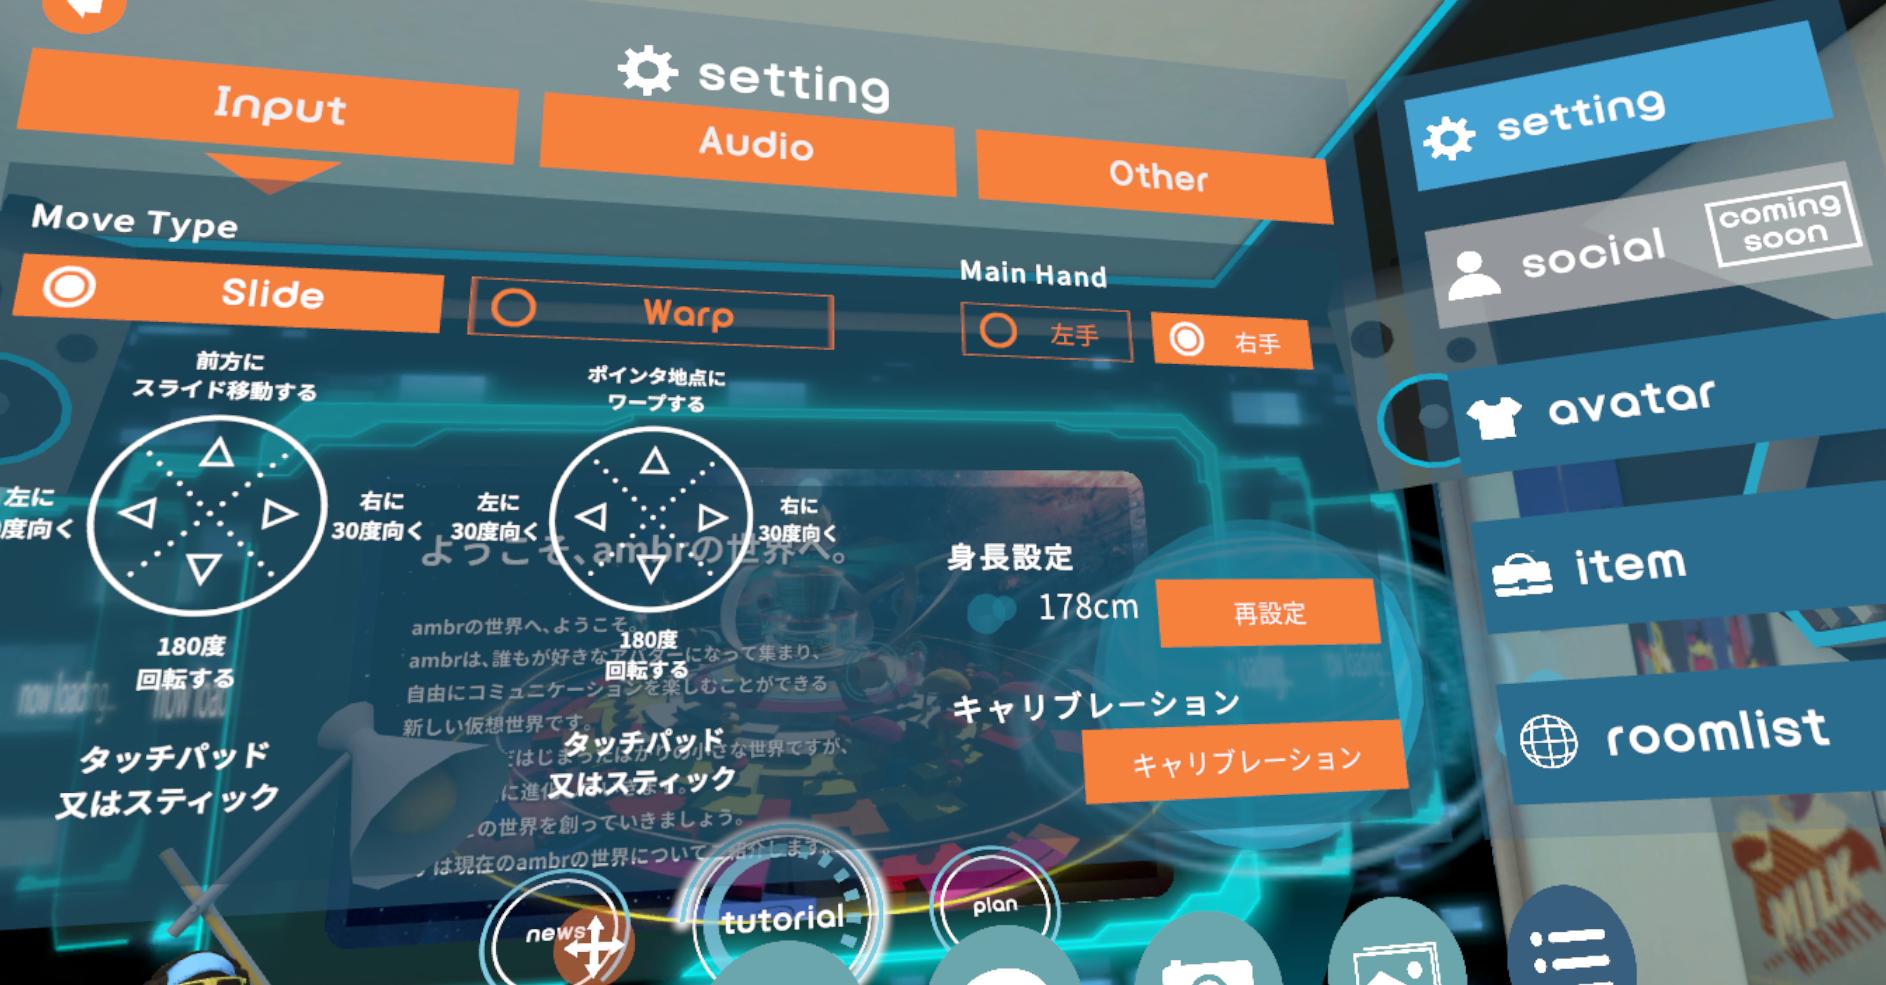 VR SNS【ambr】のメニュー説明1